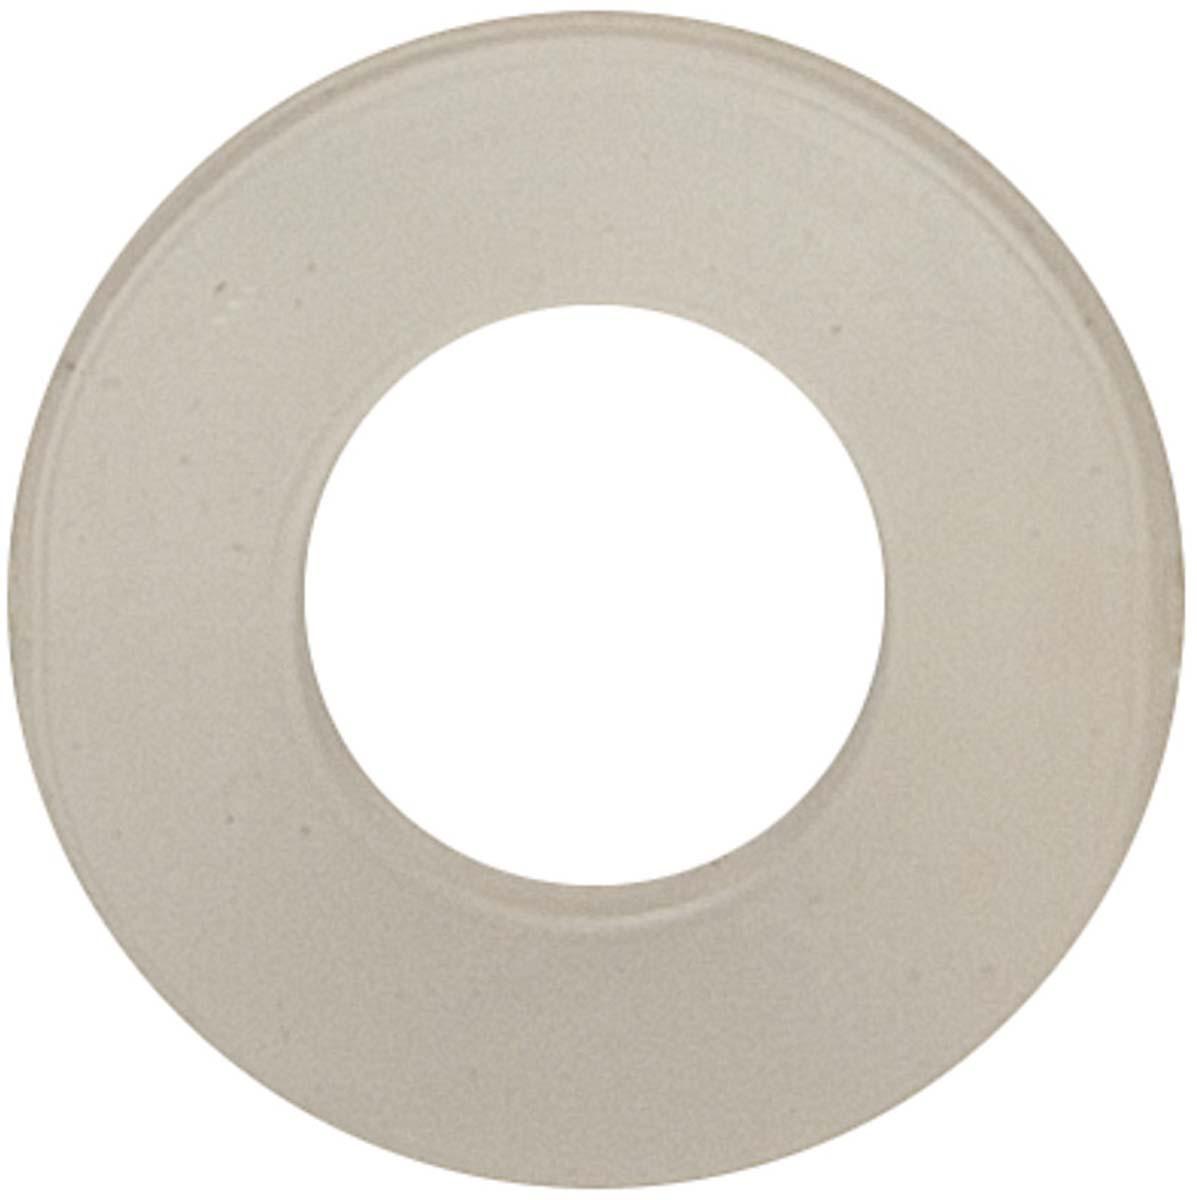 Прокладка силиконовая MasterProf, 1, 100 шт, МР-пакет прокладка силиконовая masterprof 1 2 100 шт mp пакет